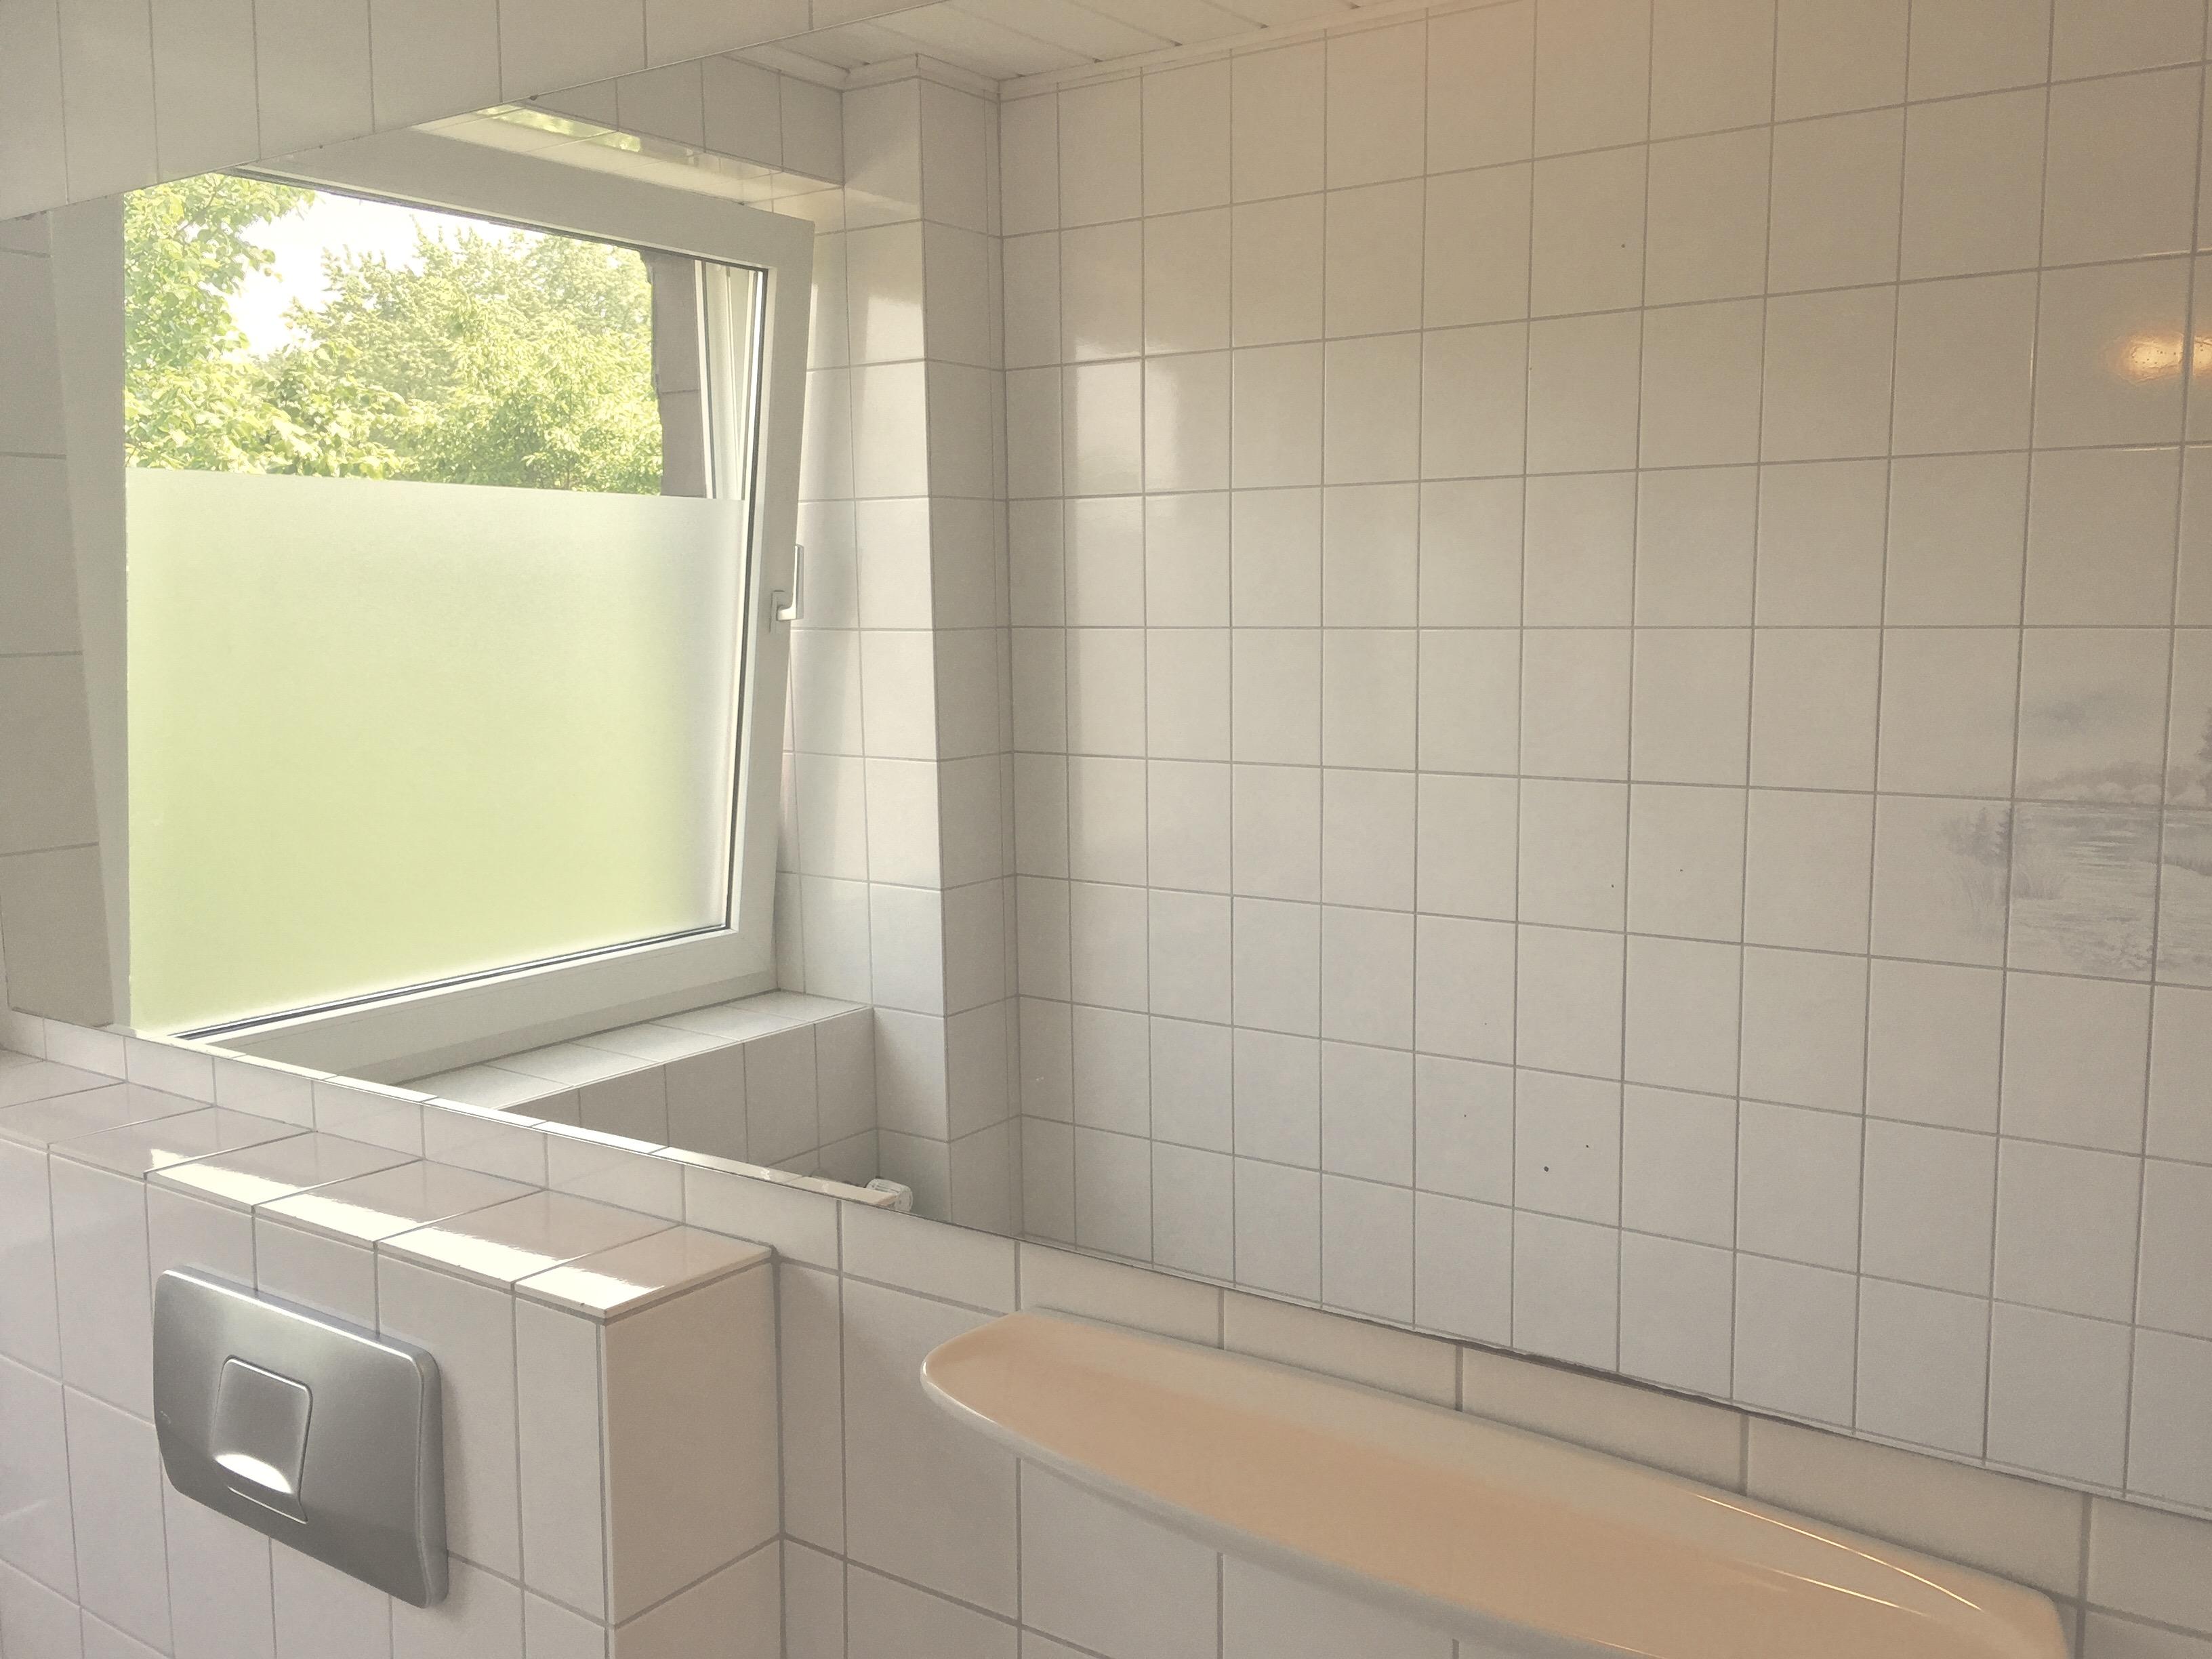 Ausstattung Der HotelBadezimmer Haus Stallmeister LippstadtHotel - Fotos von badezimmern